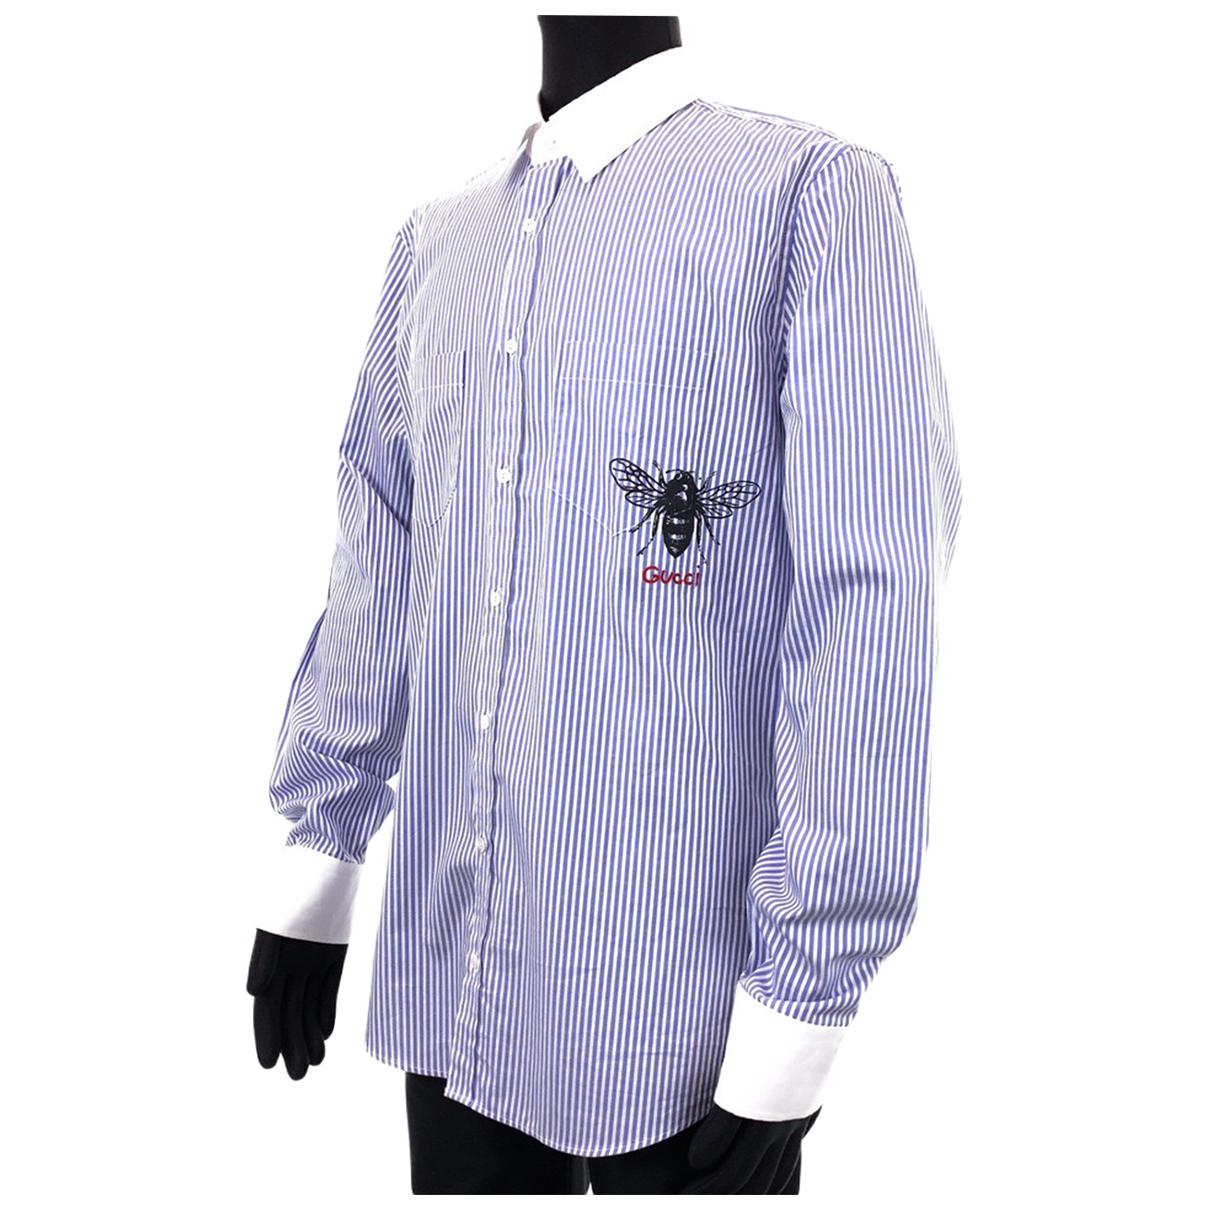 Gucci - Tee shirts   pour homme en coton - violet